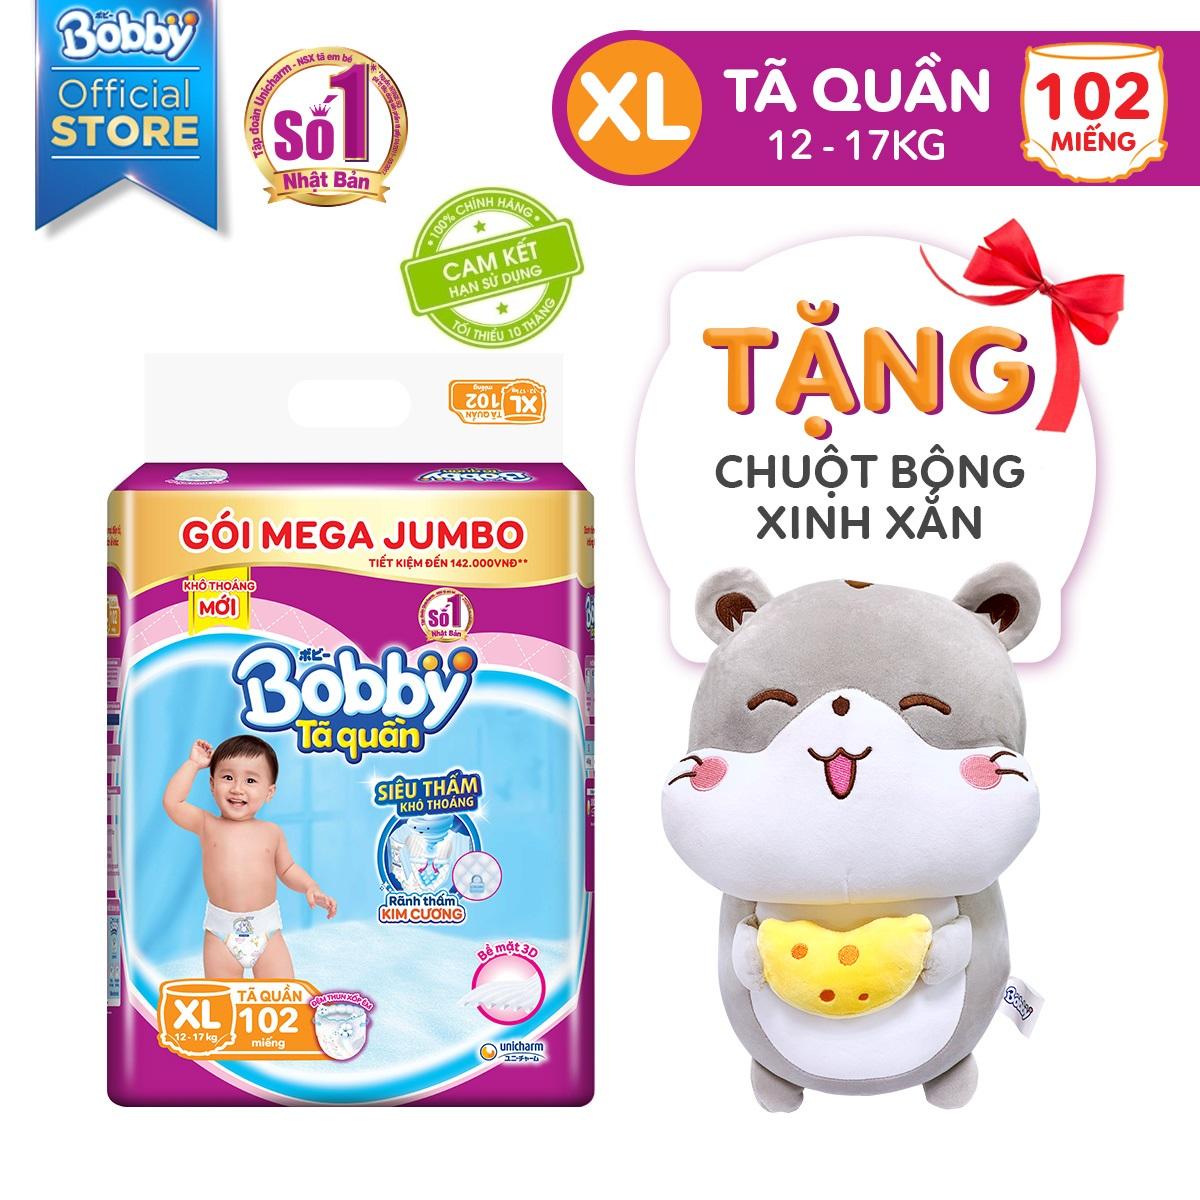 [Tặng Chuột Bông] Tã/ Bỉm quần Bobby Siêu thoáng gói Mega Jumbo XL102